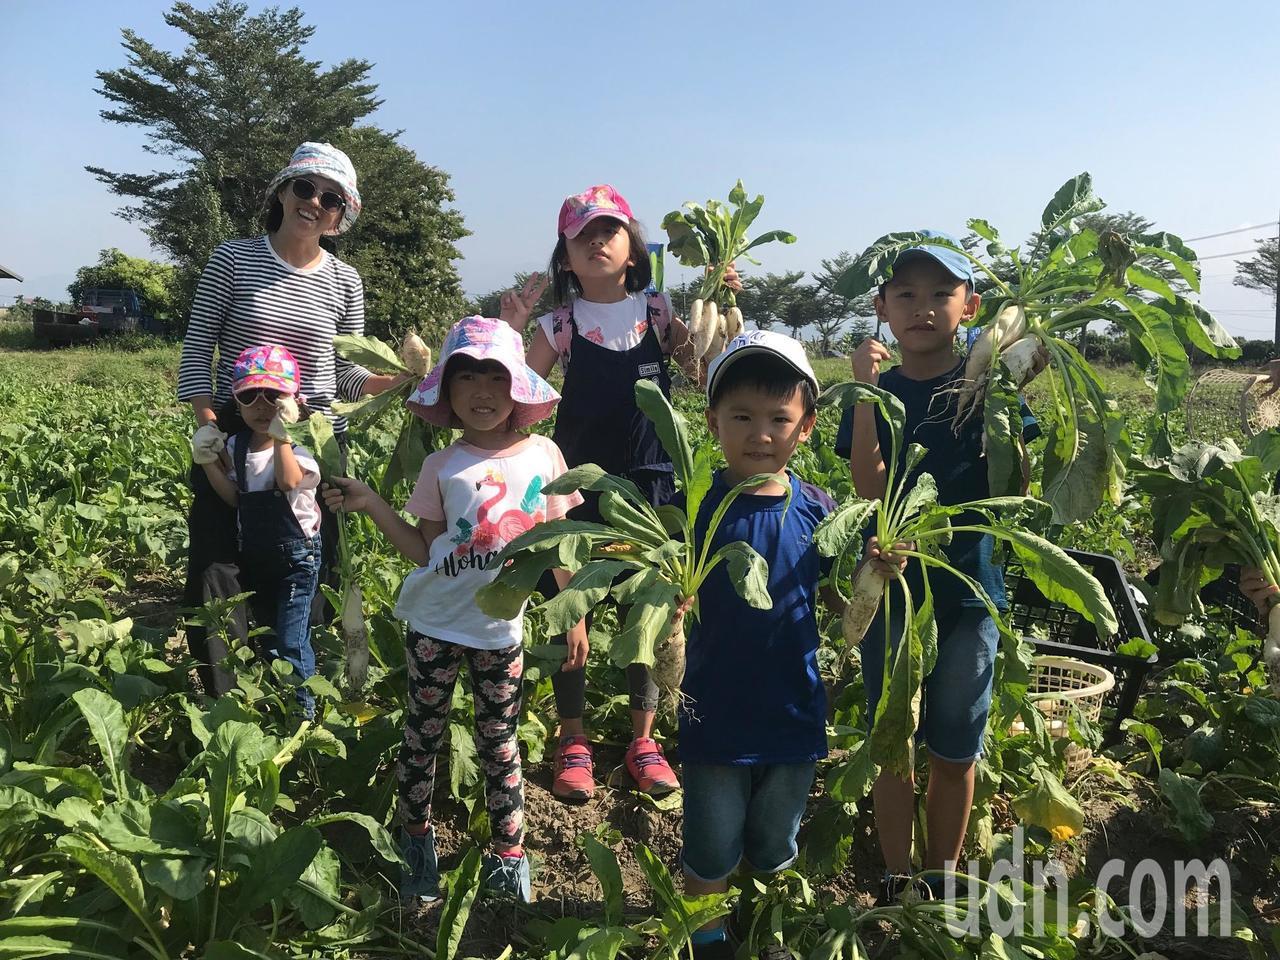 採蘿蔔季節到來,不少家長帶著小朋友到美濃體驗拔蘿蔔樂趣。記者徐白櫻/攝影